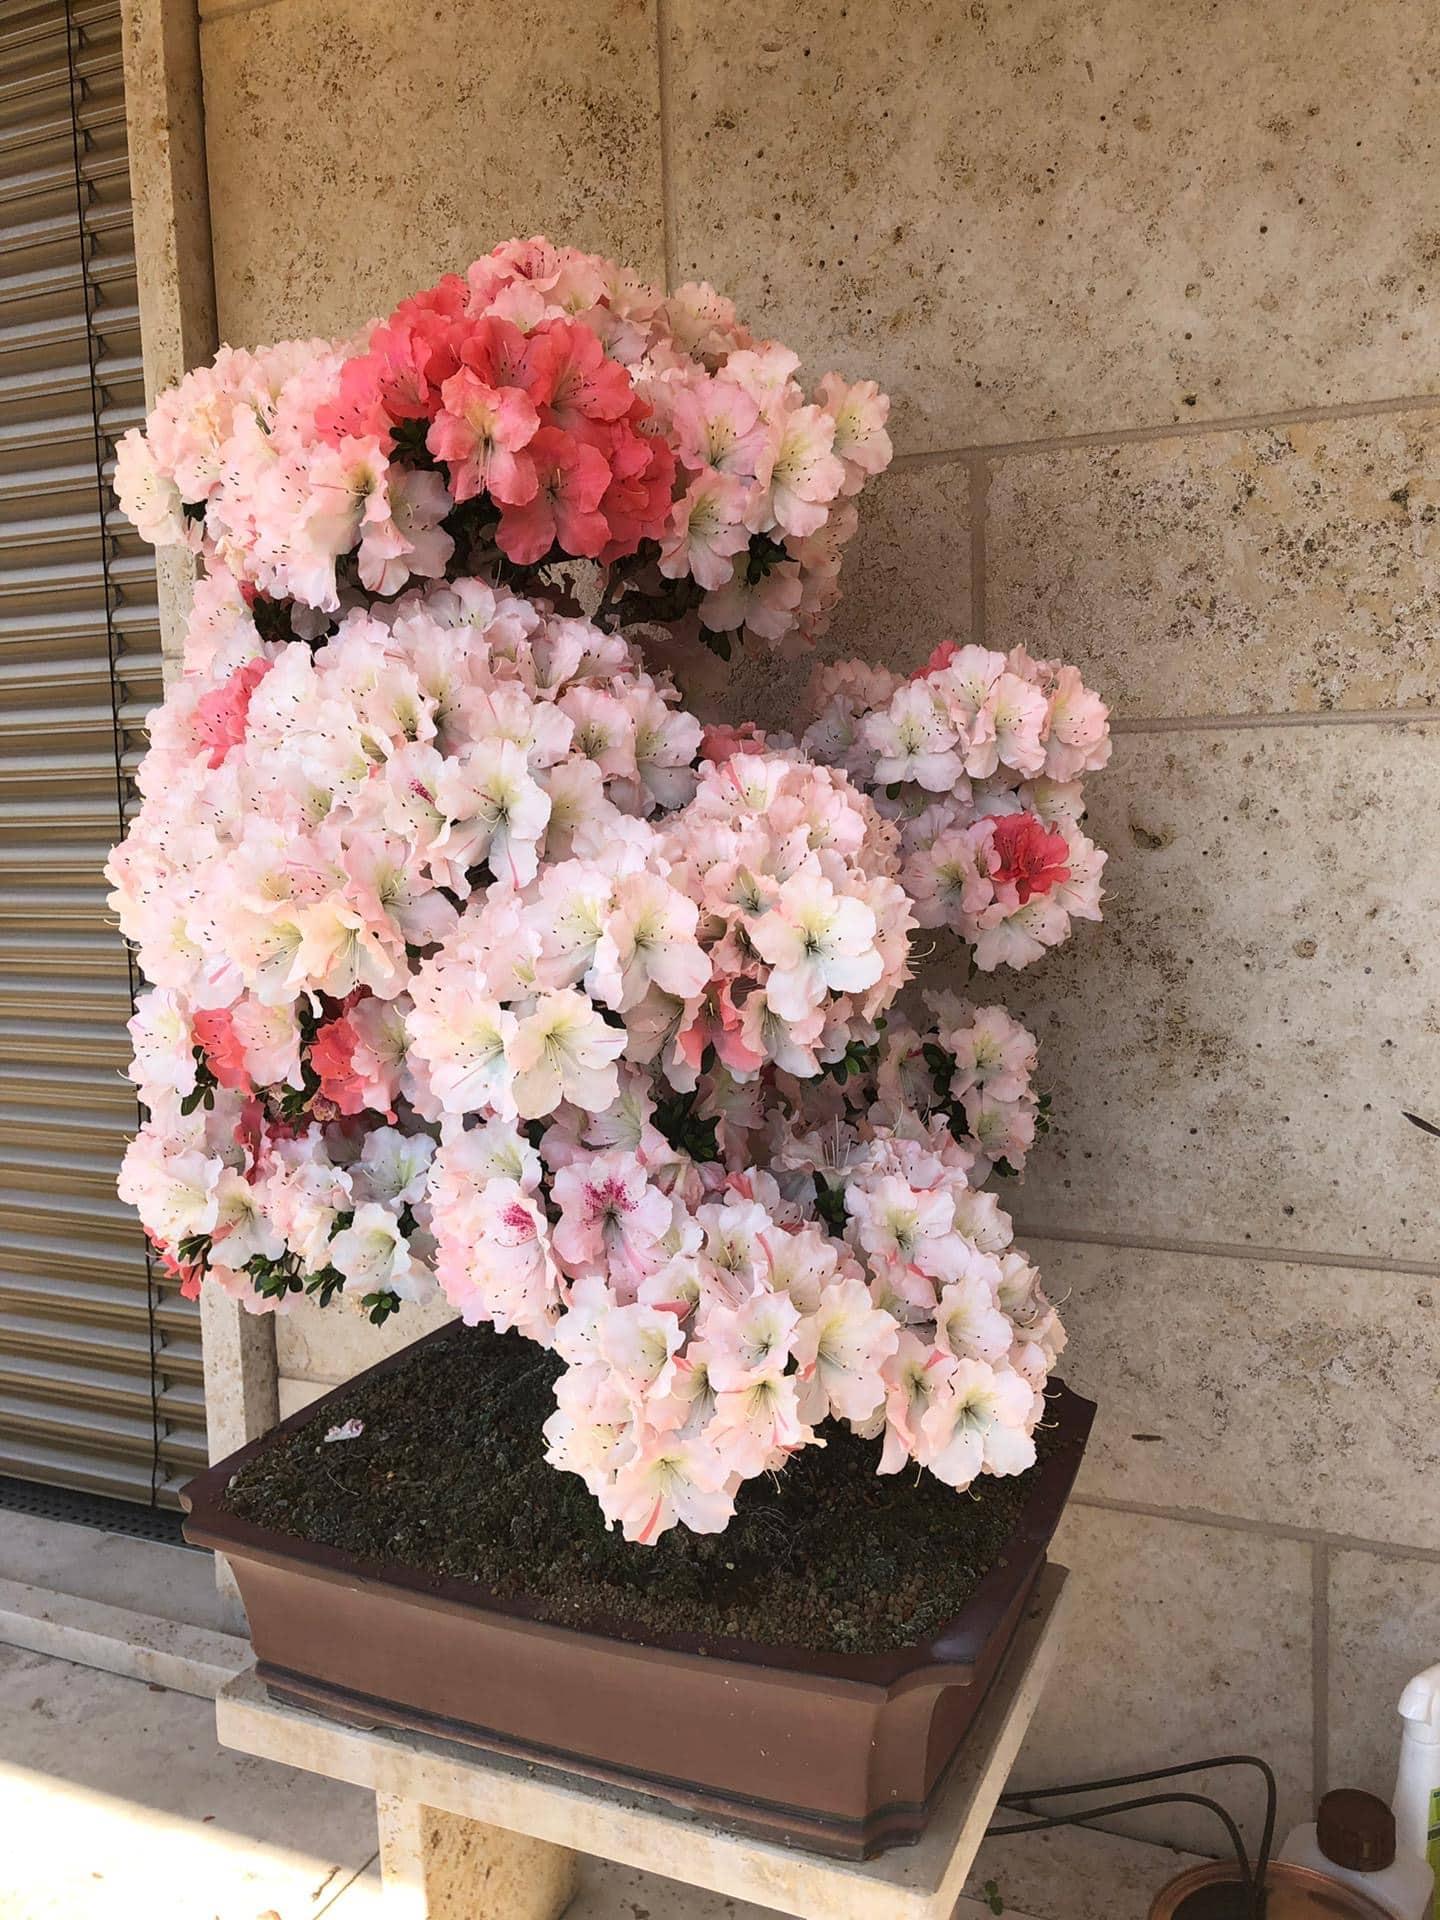 gardendesign-japanese-azalea-meilen